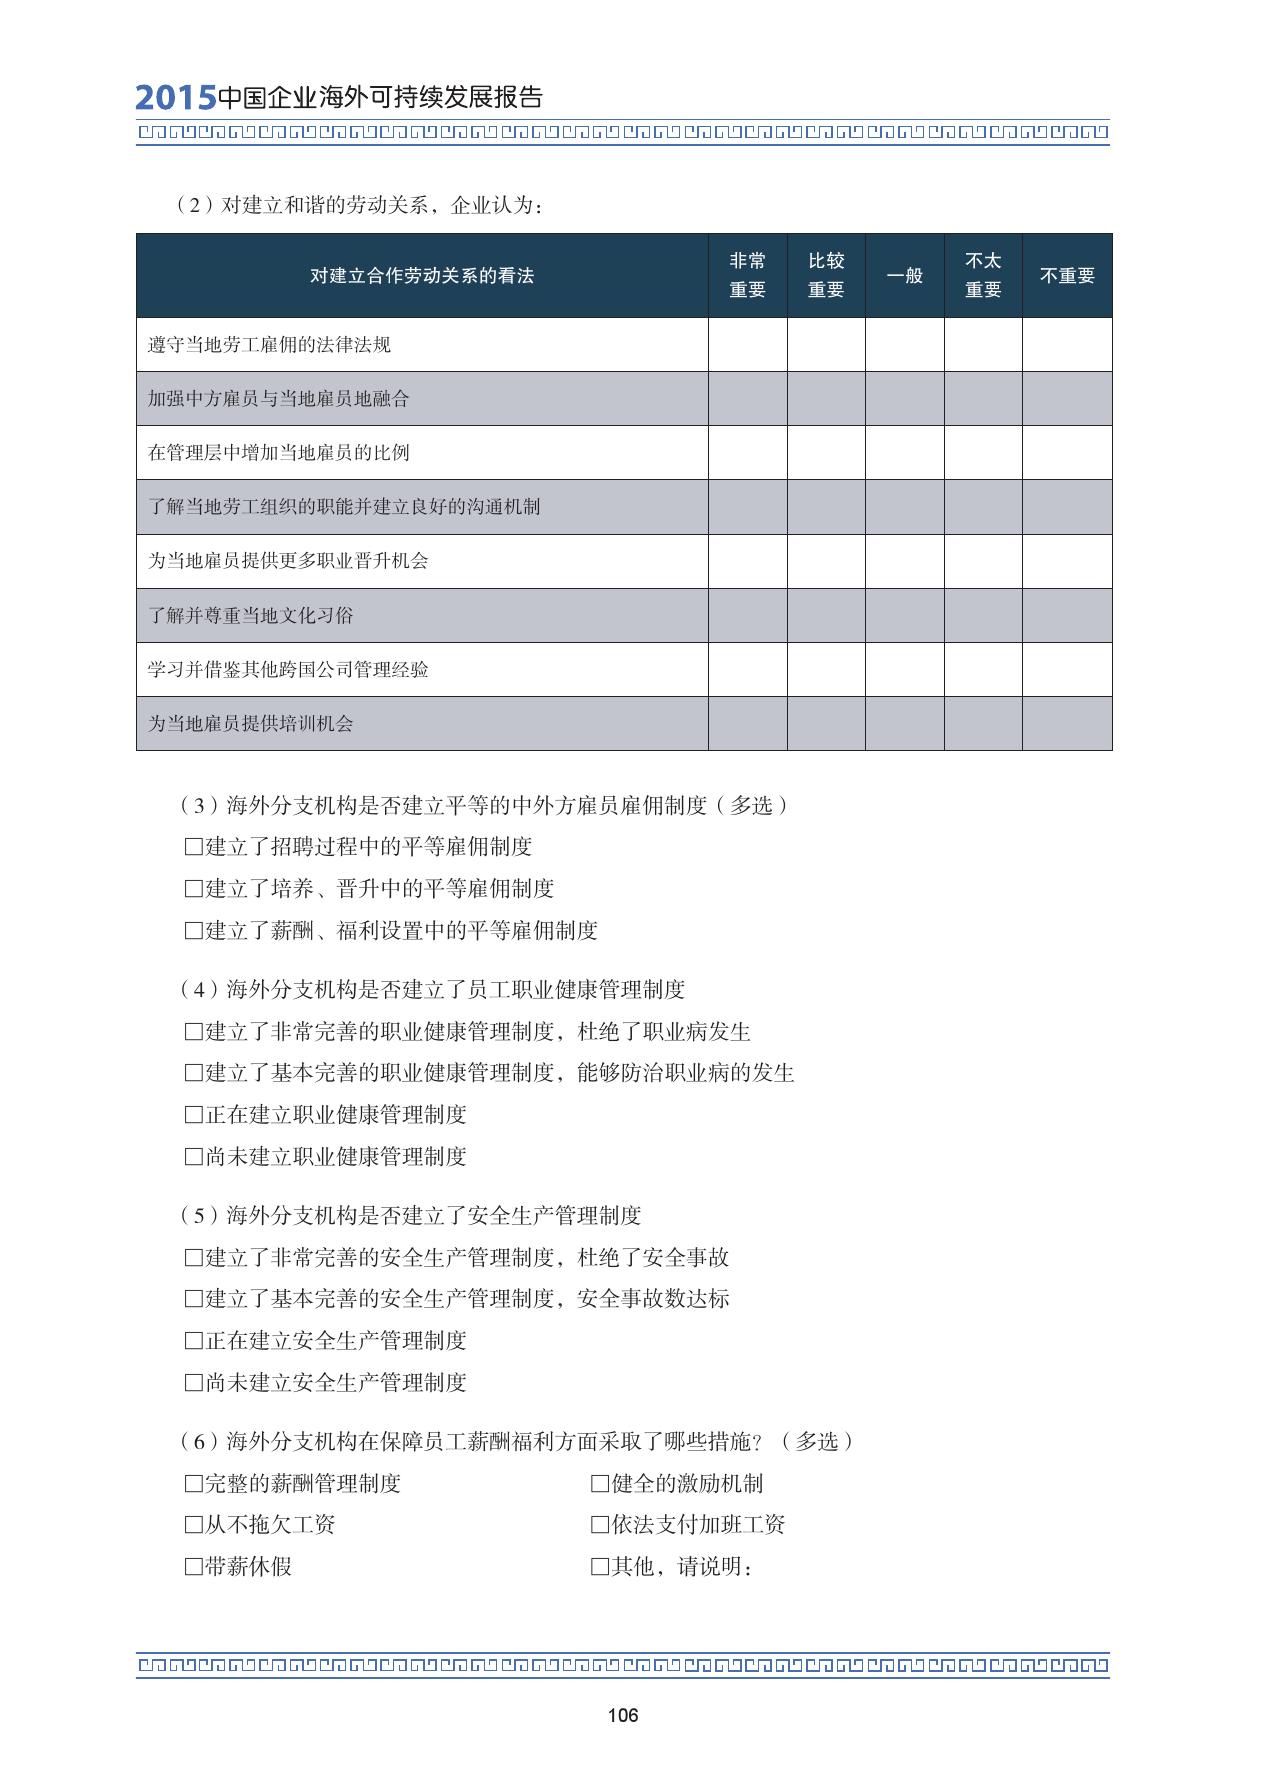 2015中国企业海外可持续发展报告_000120